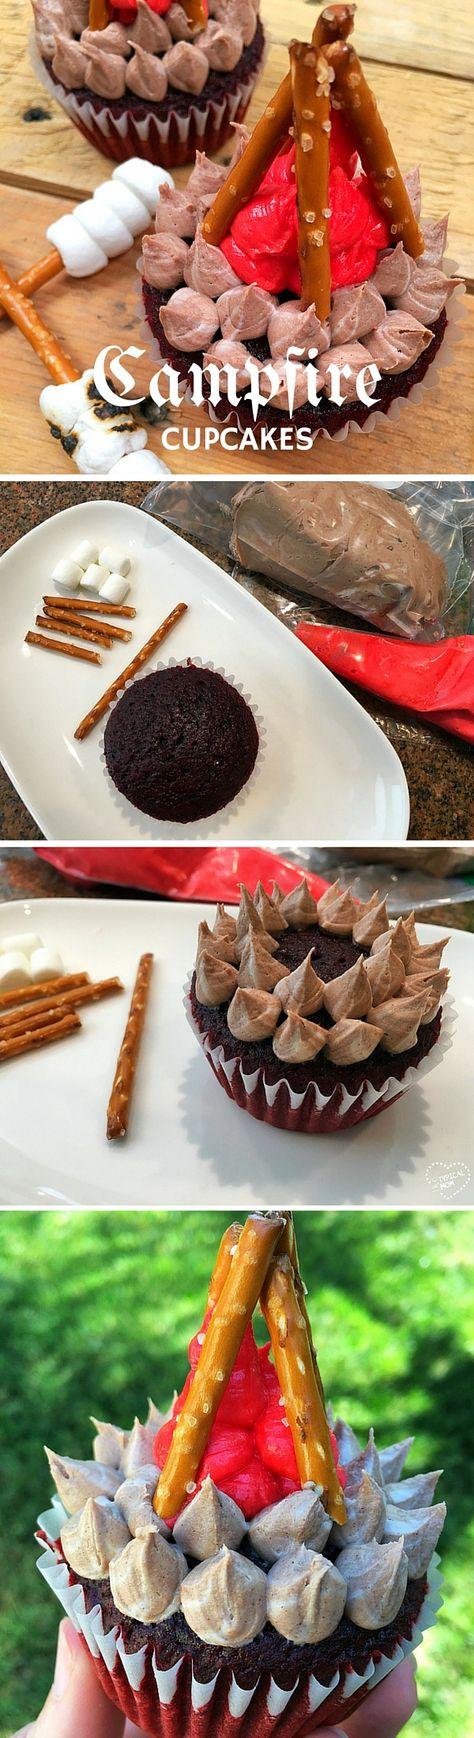 Get the recipe ♥ Campfire Cupcakes #recipes @recipes_to_go